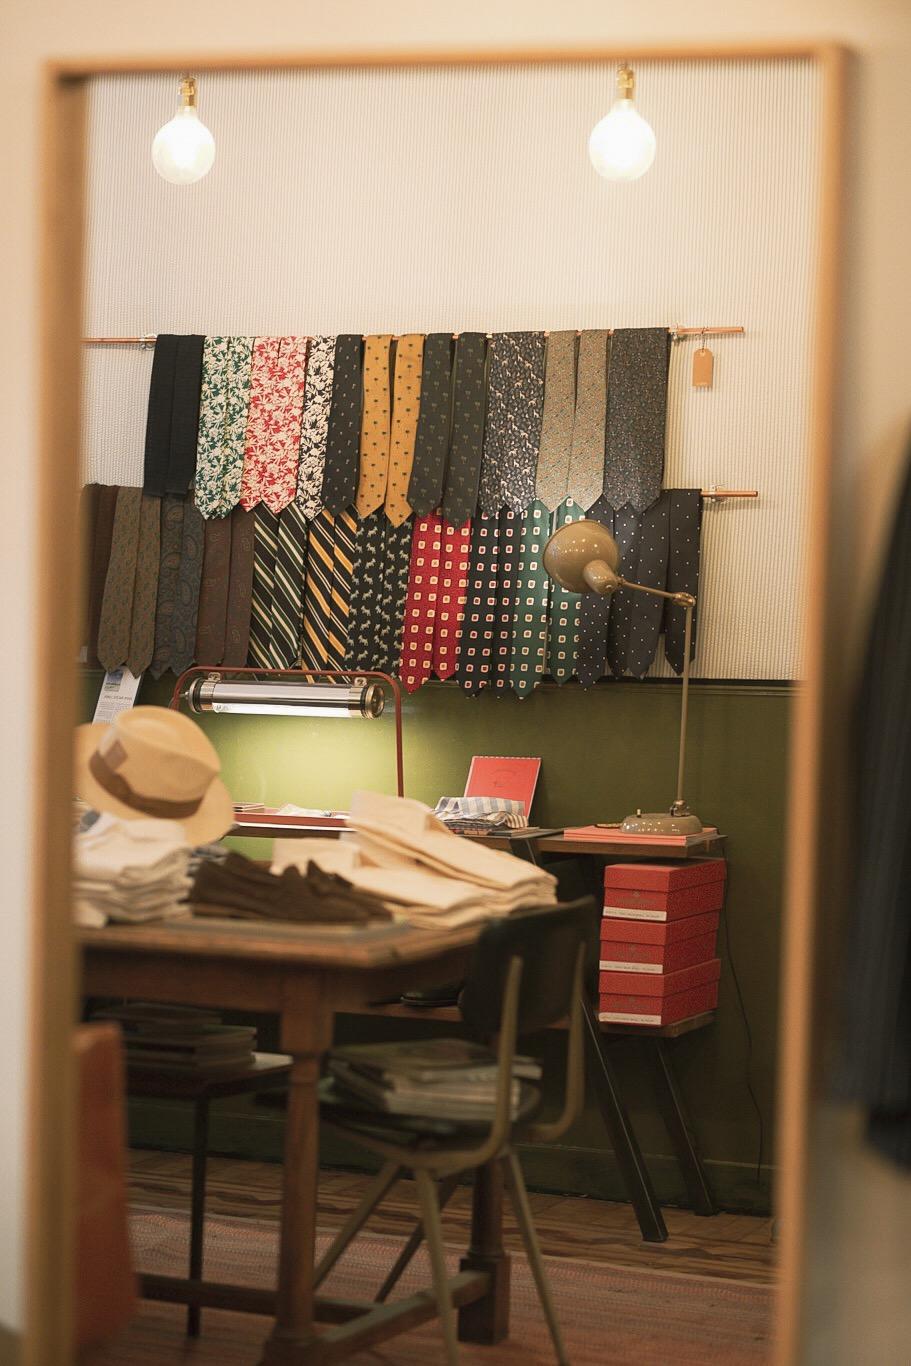 Une très belle sélection de cravates